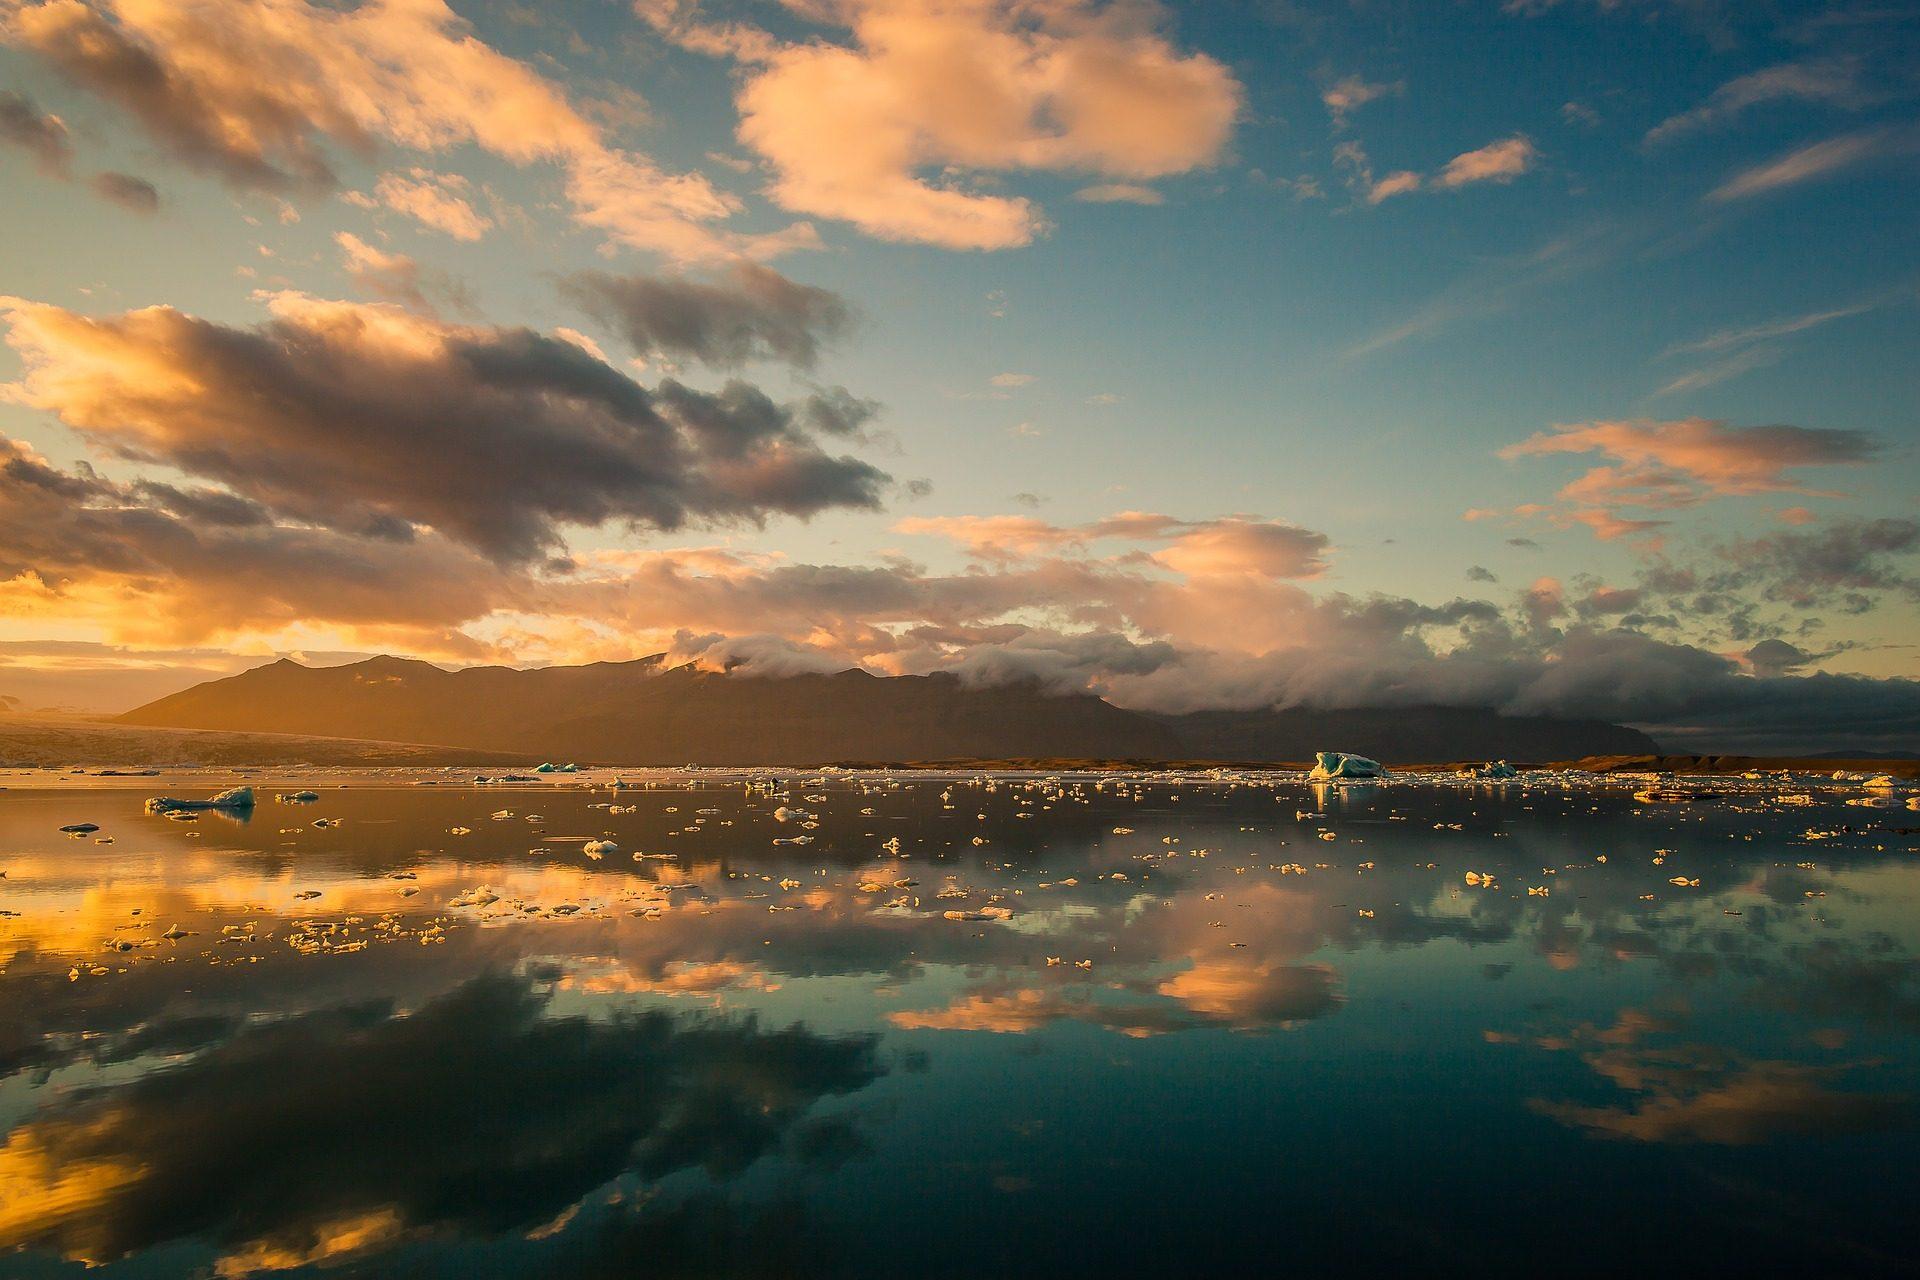 湖, 海, Montañas, 云彩, 几点思考, 冰 - 高清壁纸 - 教授-falken.com